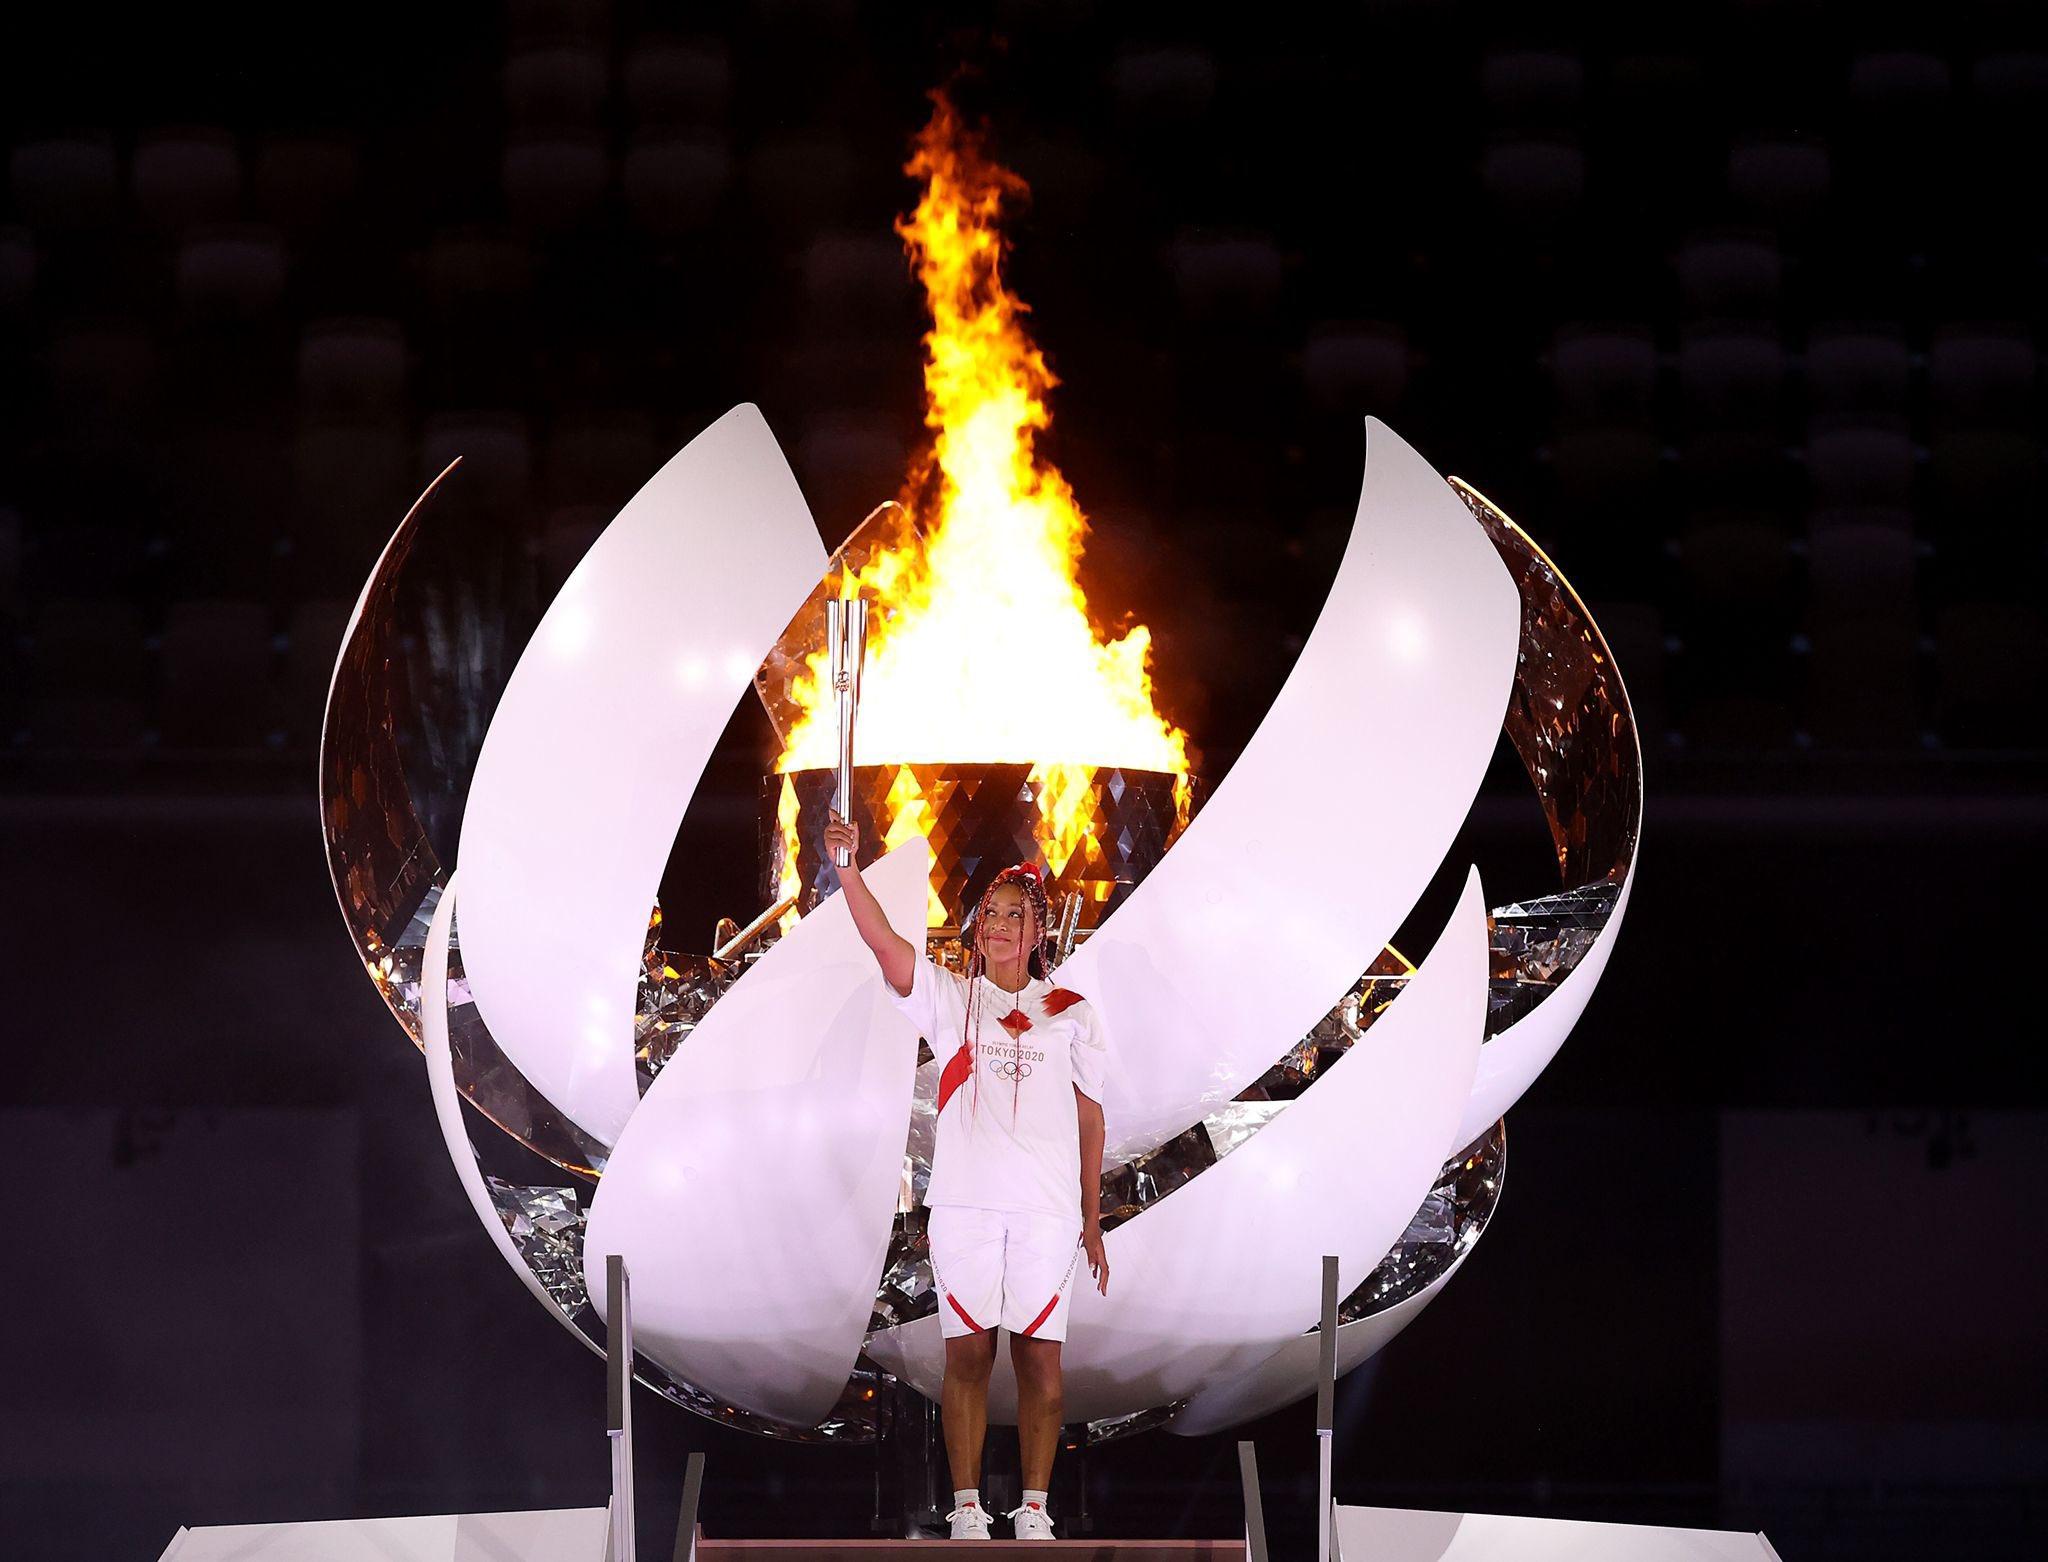 A tenista japonesa Naomi Osaka acende a pira olímpica durante a cerimônia de abertura dos Jogos de Tokyo 2020.